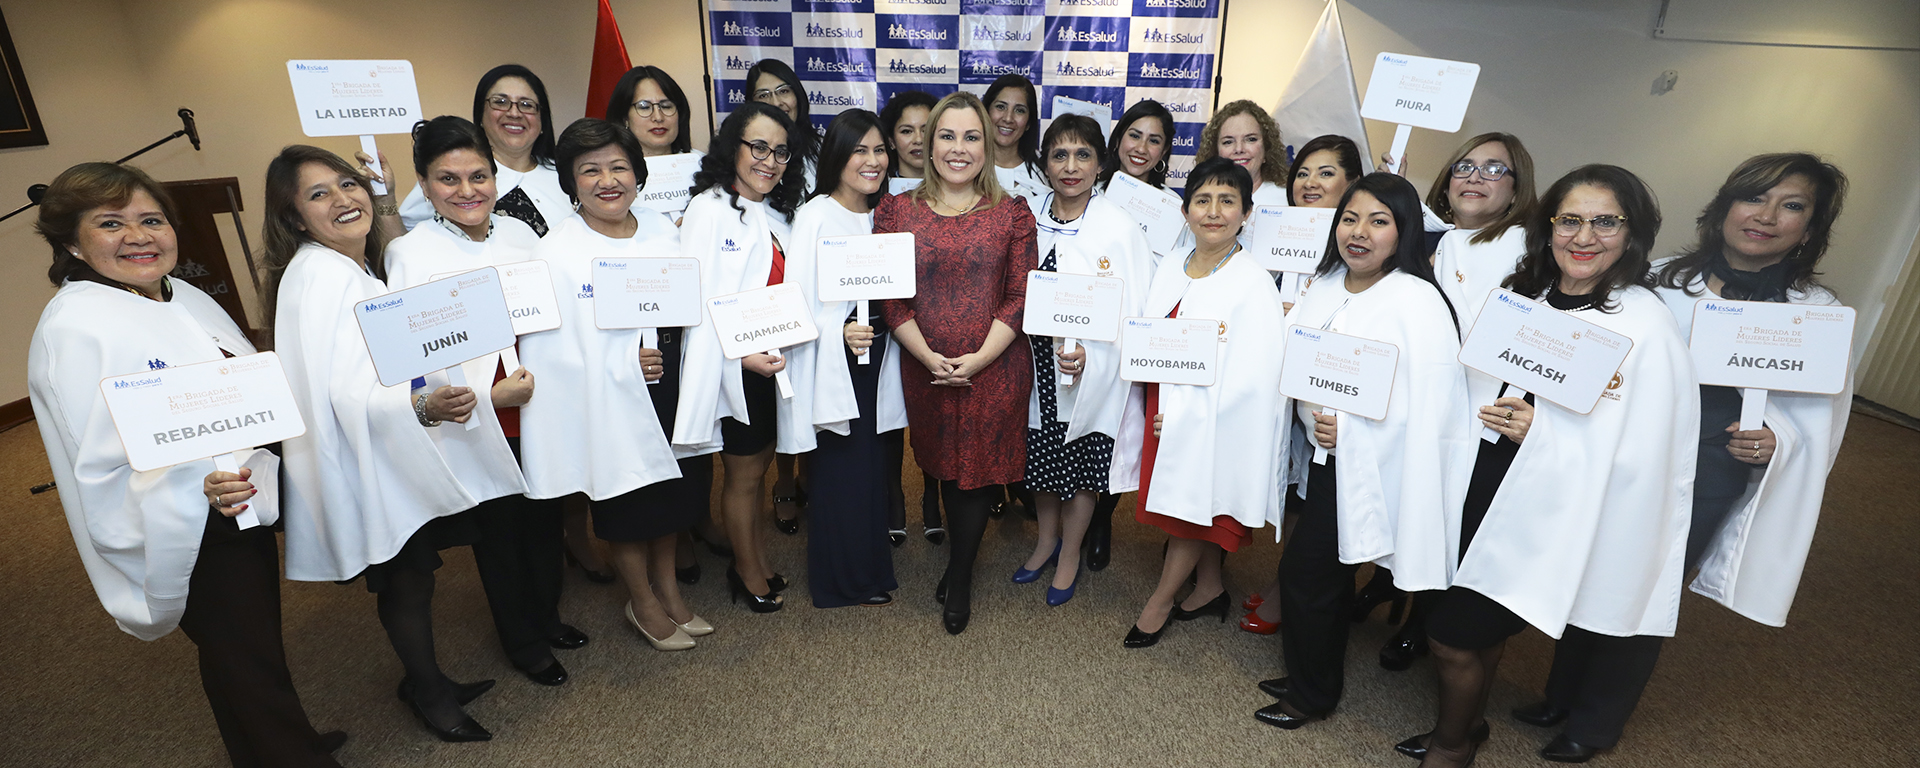 Essalud - EsSalud conforma brigada de mujeres líderes que velará por mejoras en la atención de asegurados